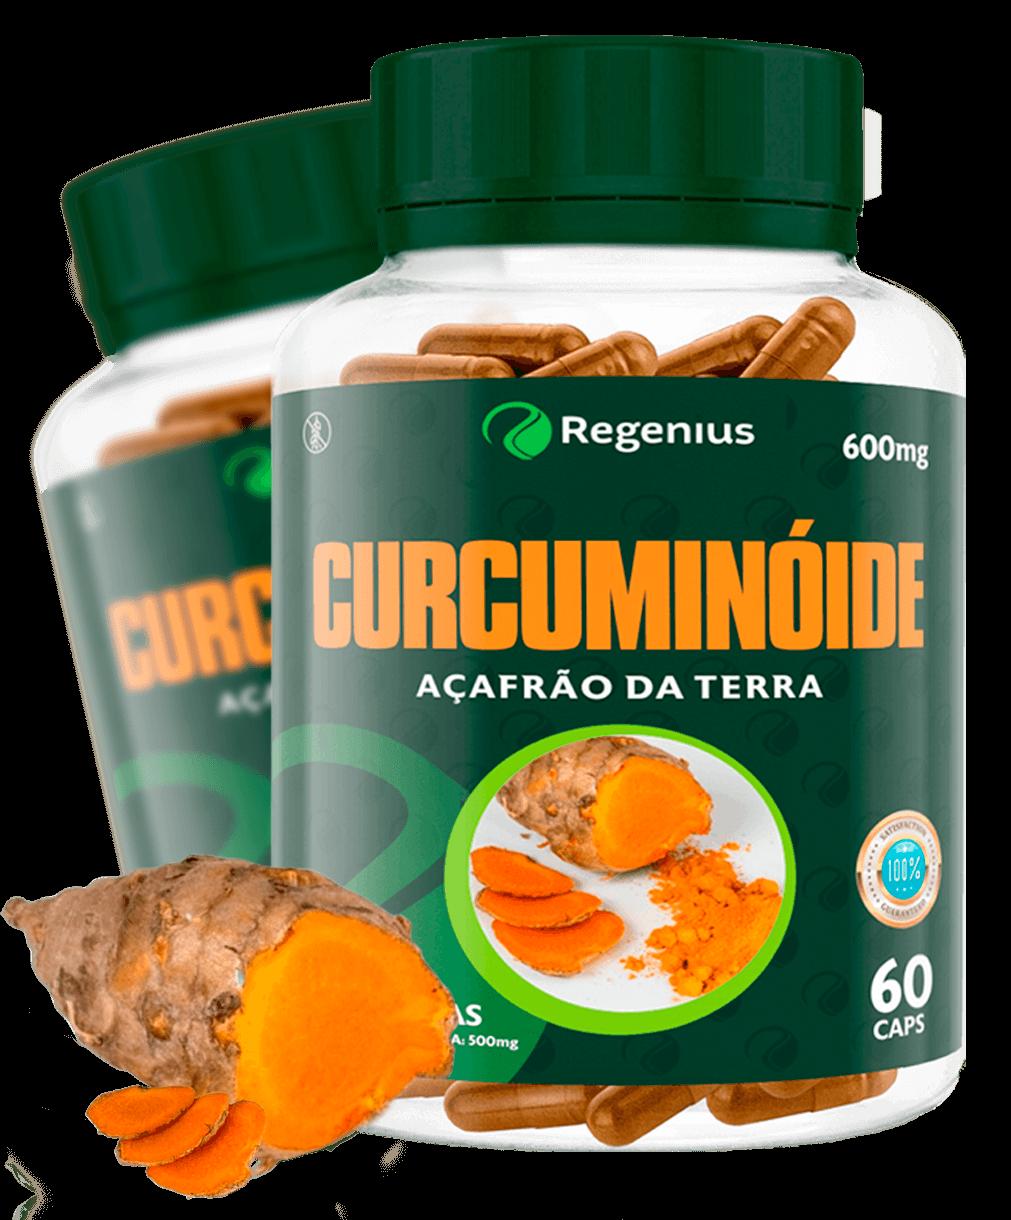 Curcuminóide